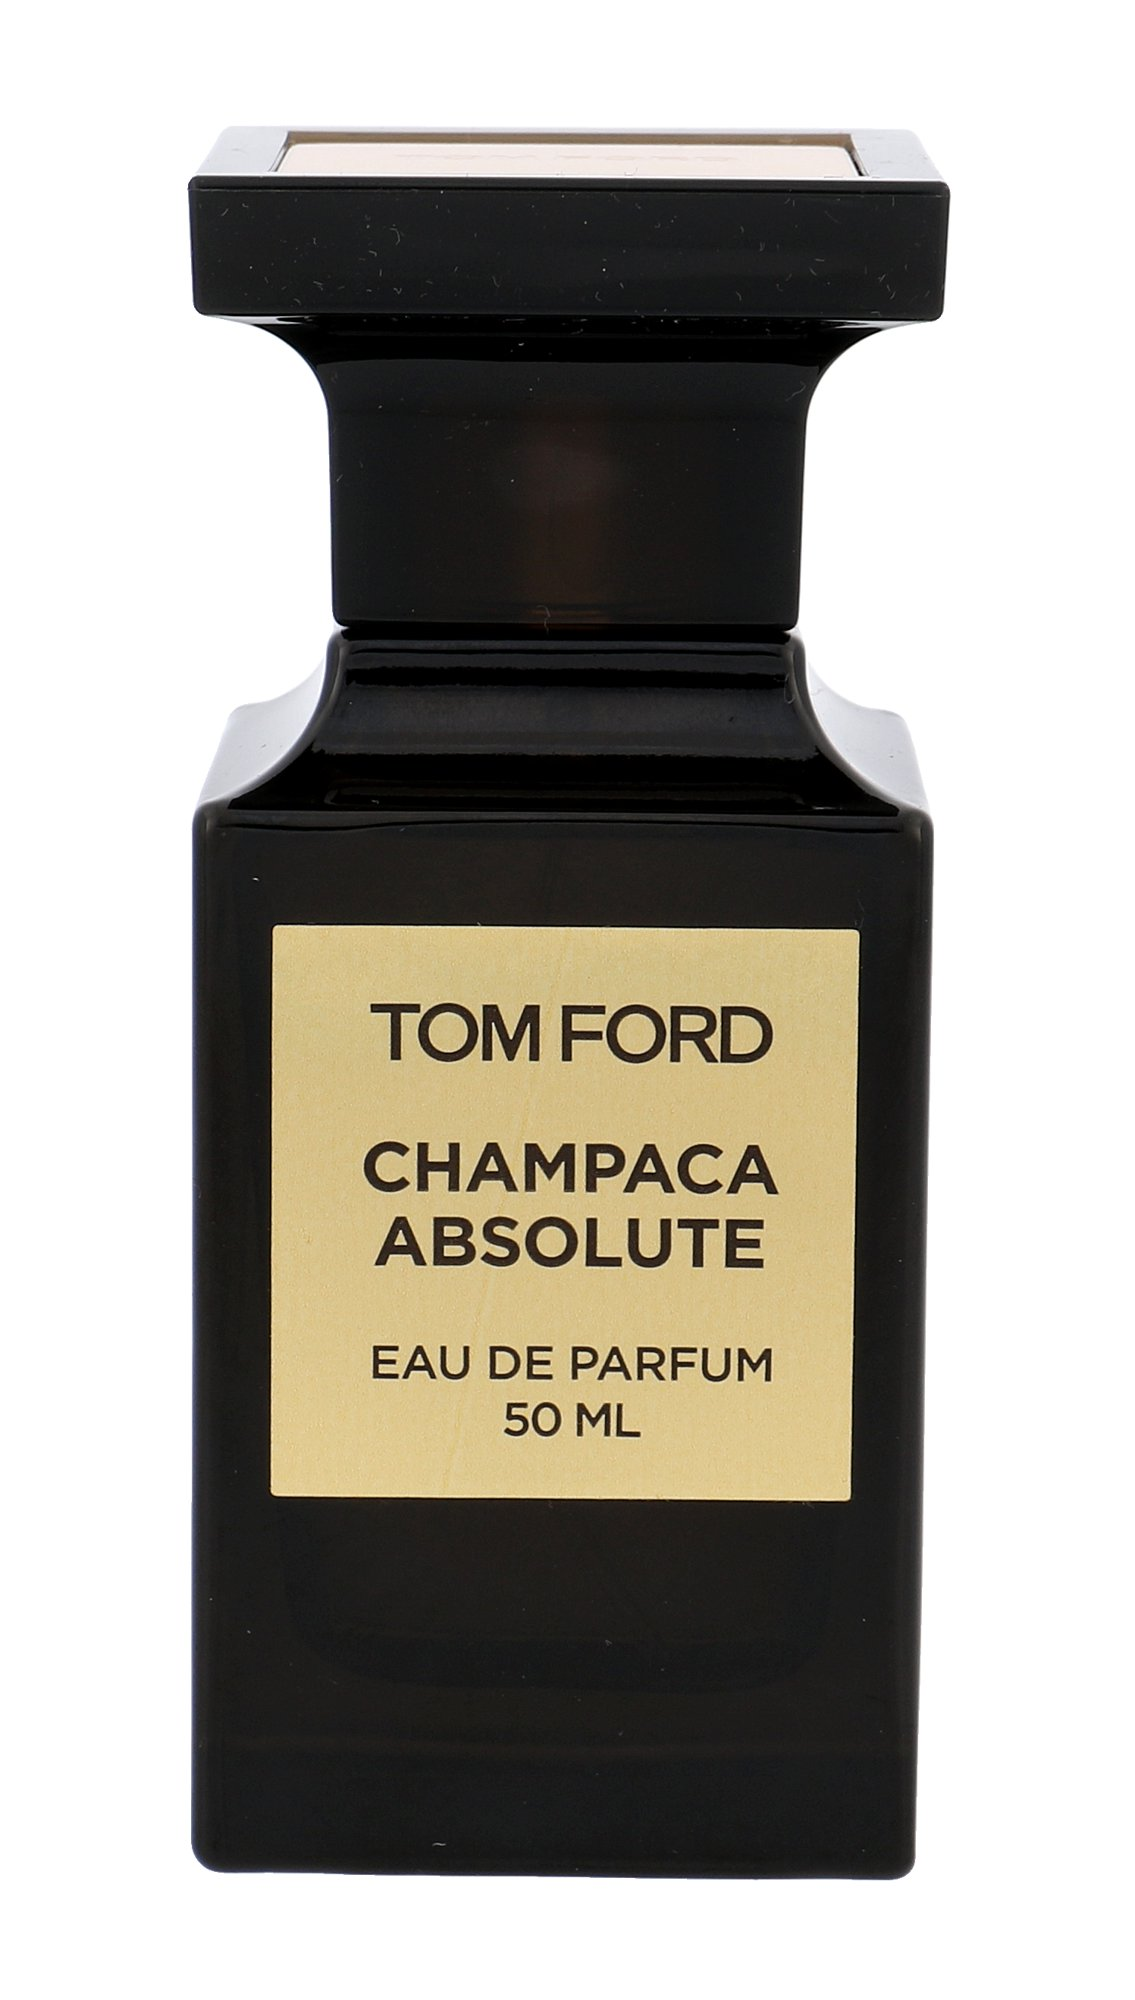 TOM FORD Champaca Absolute, Parfumovaná voda 50ml